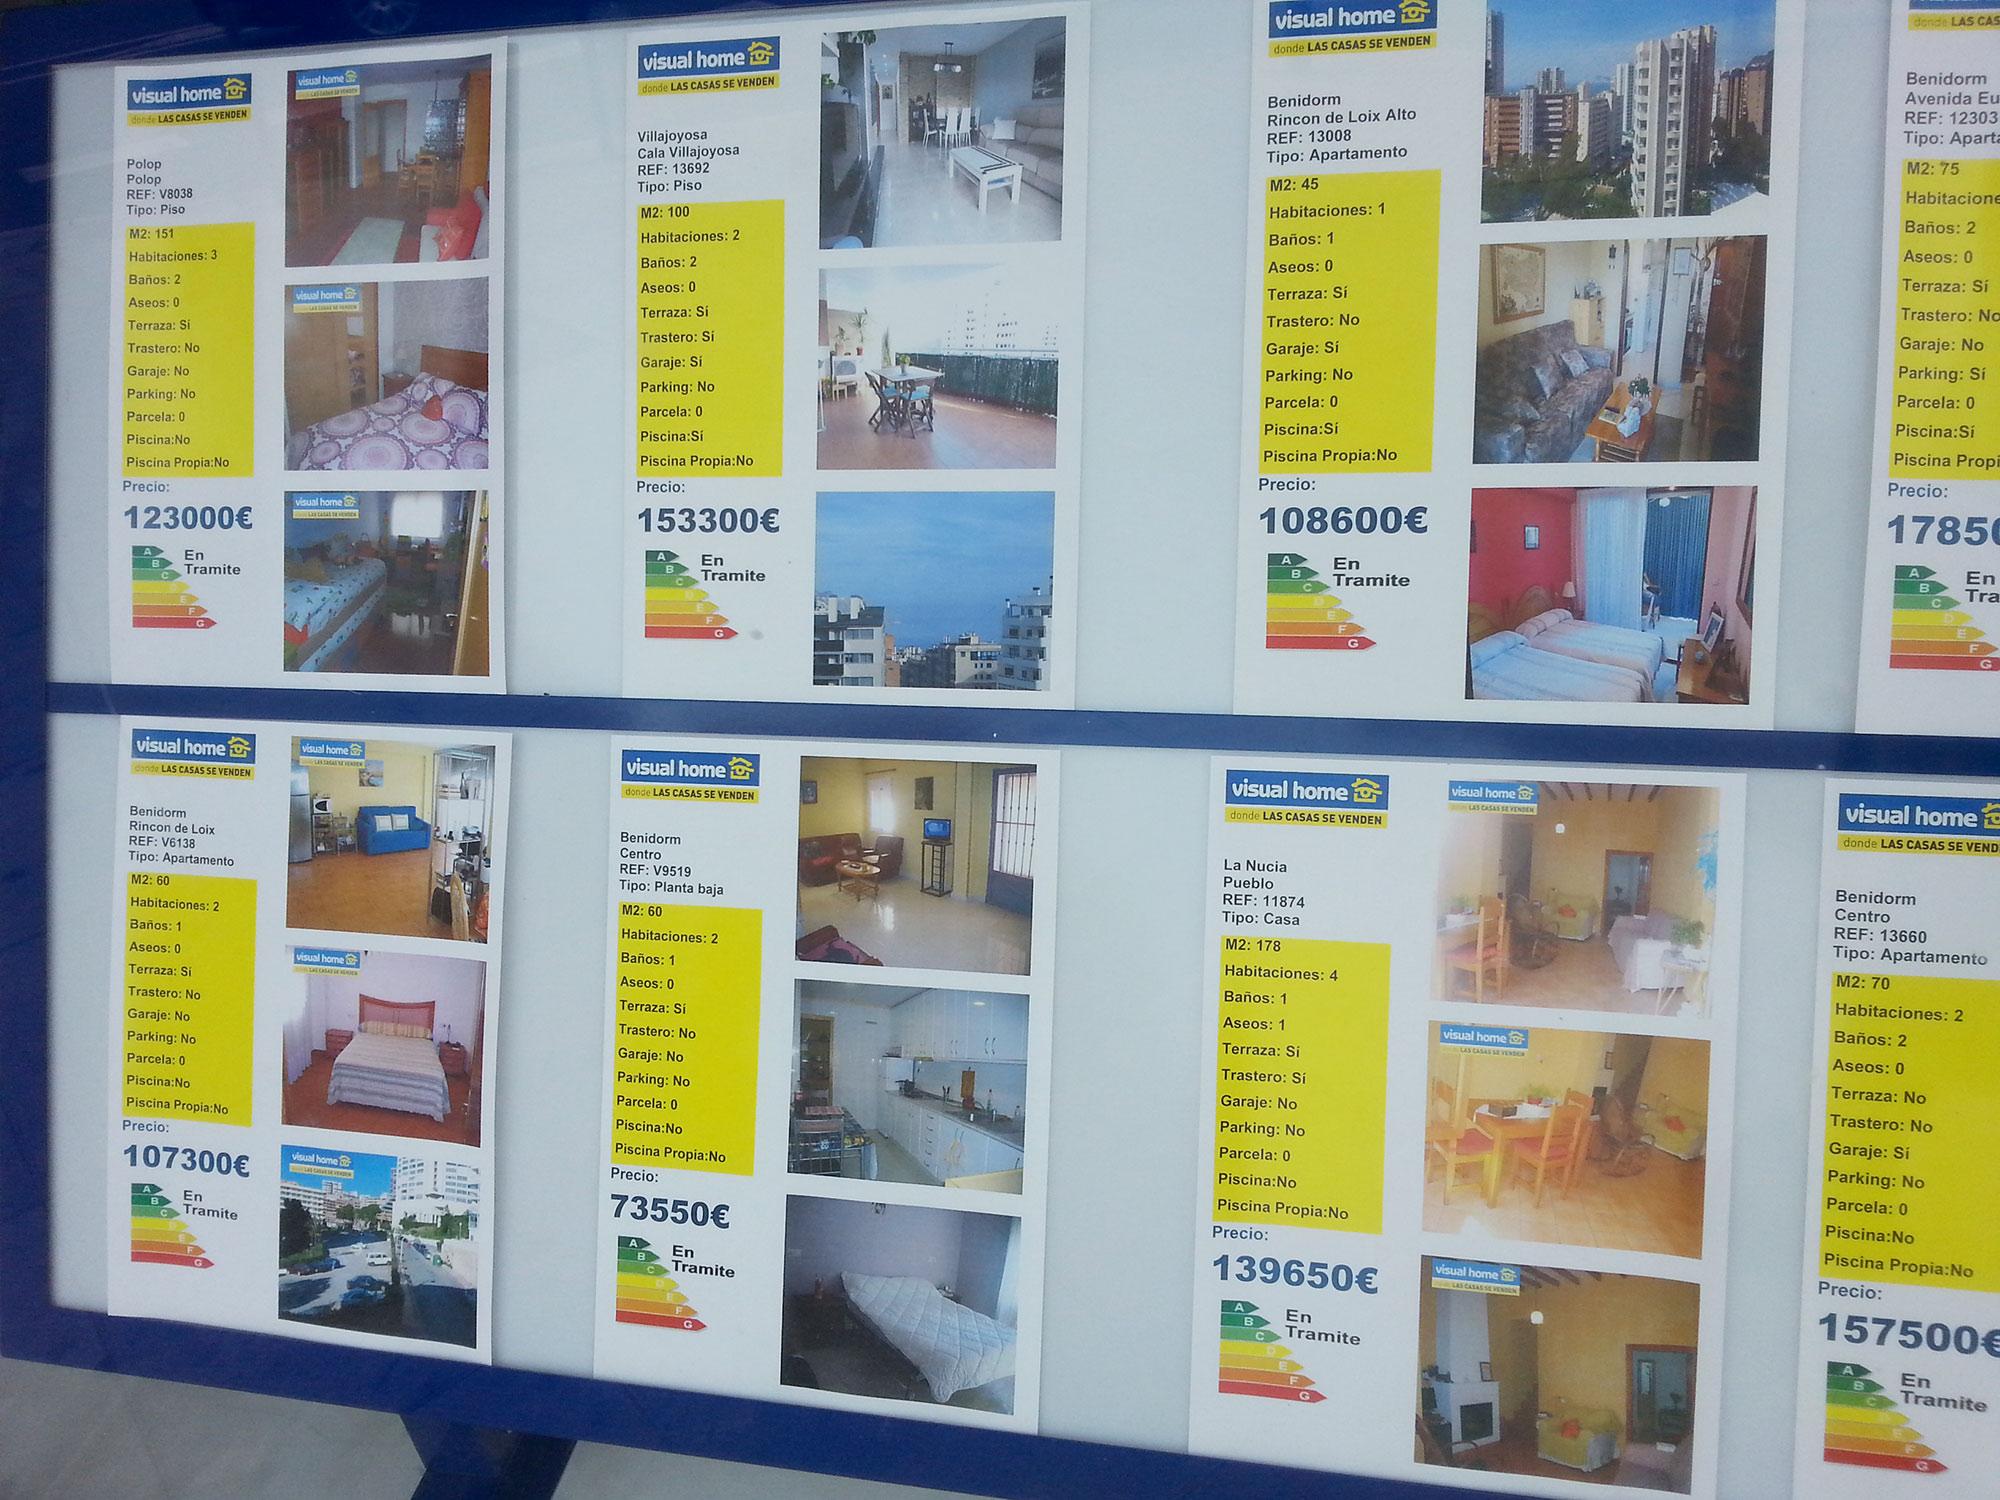 Предложения из разных городов: Полоп, Вильяхойоса, Бенидорм, Ла Нусия